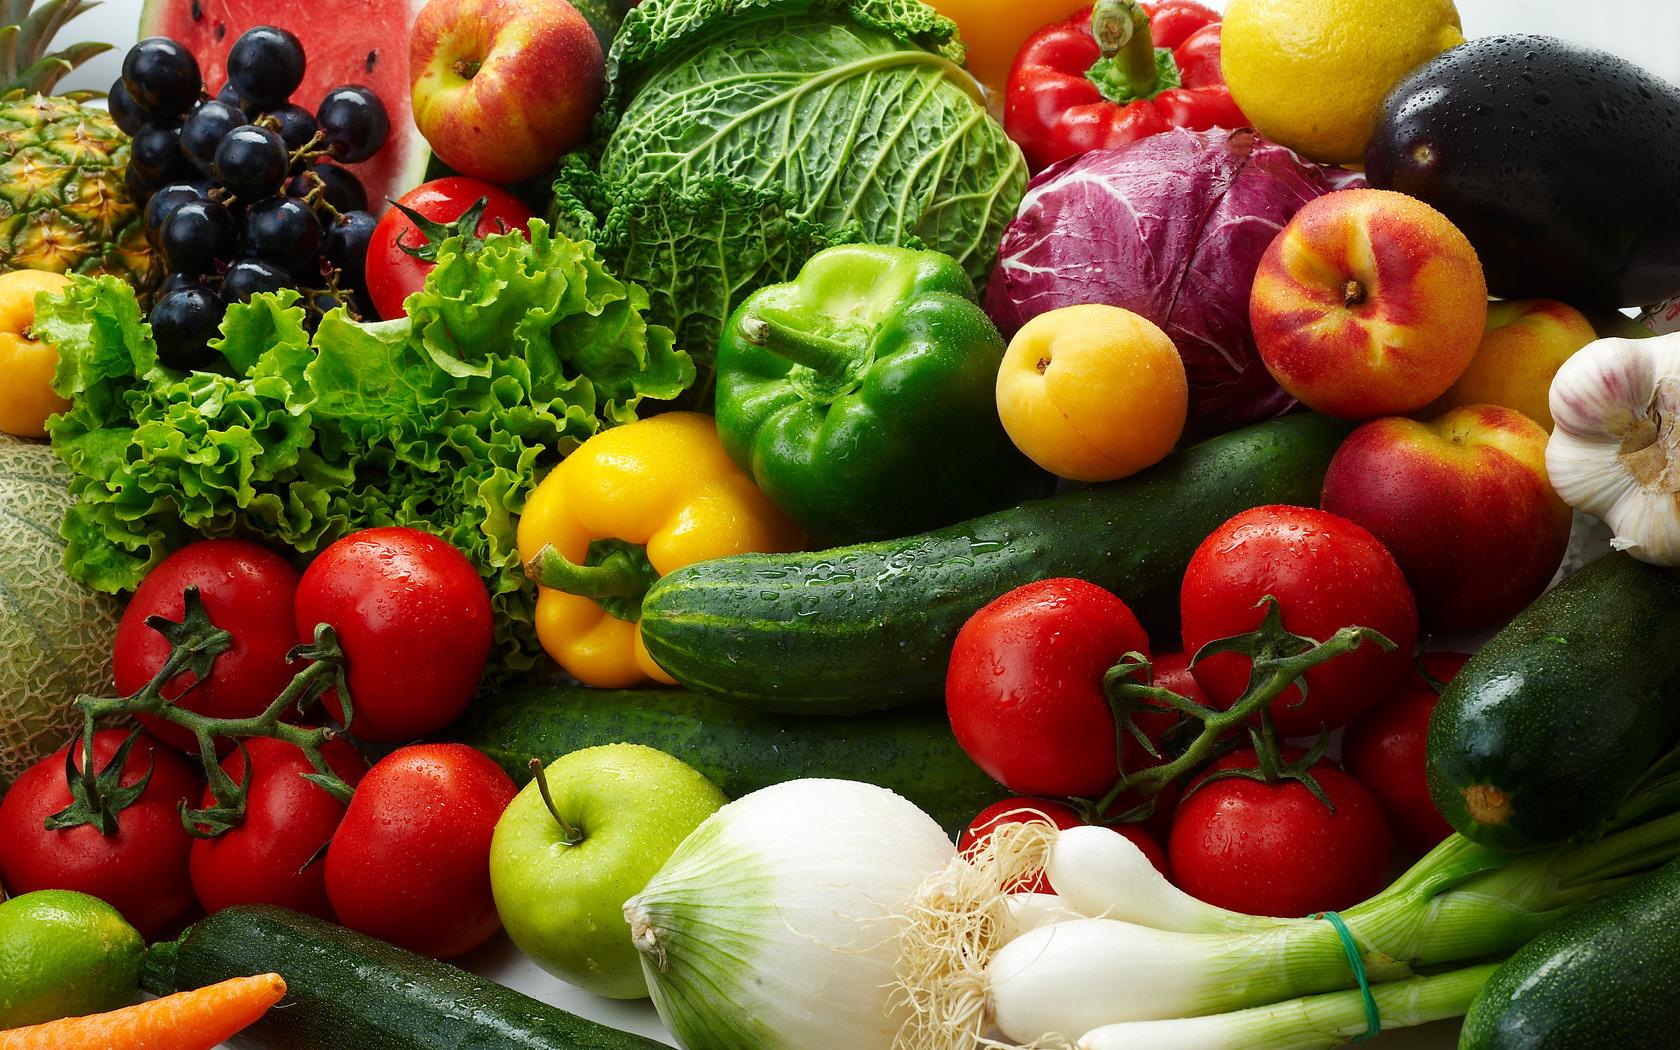 27171 Заставки и Обои Овощи на телефон. Скачать Еда, Овощи картинки бесплатно